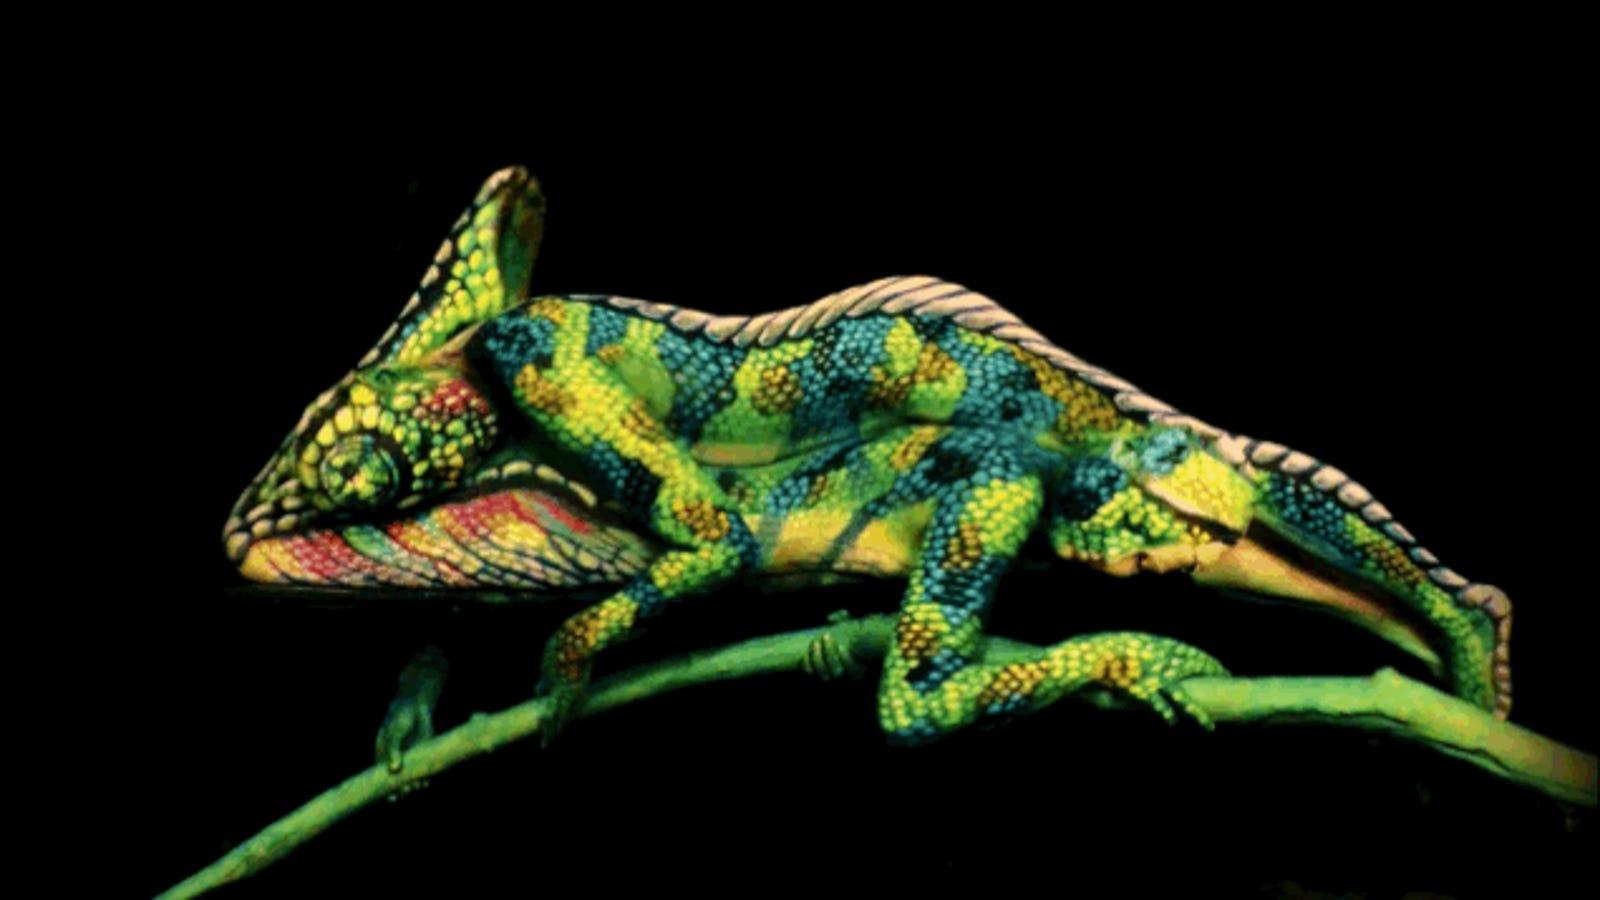 No, esta imagen no es un camaleón en movimiento